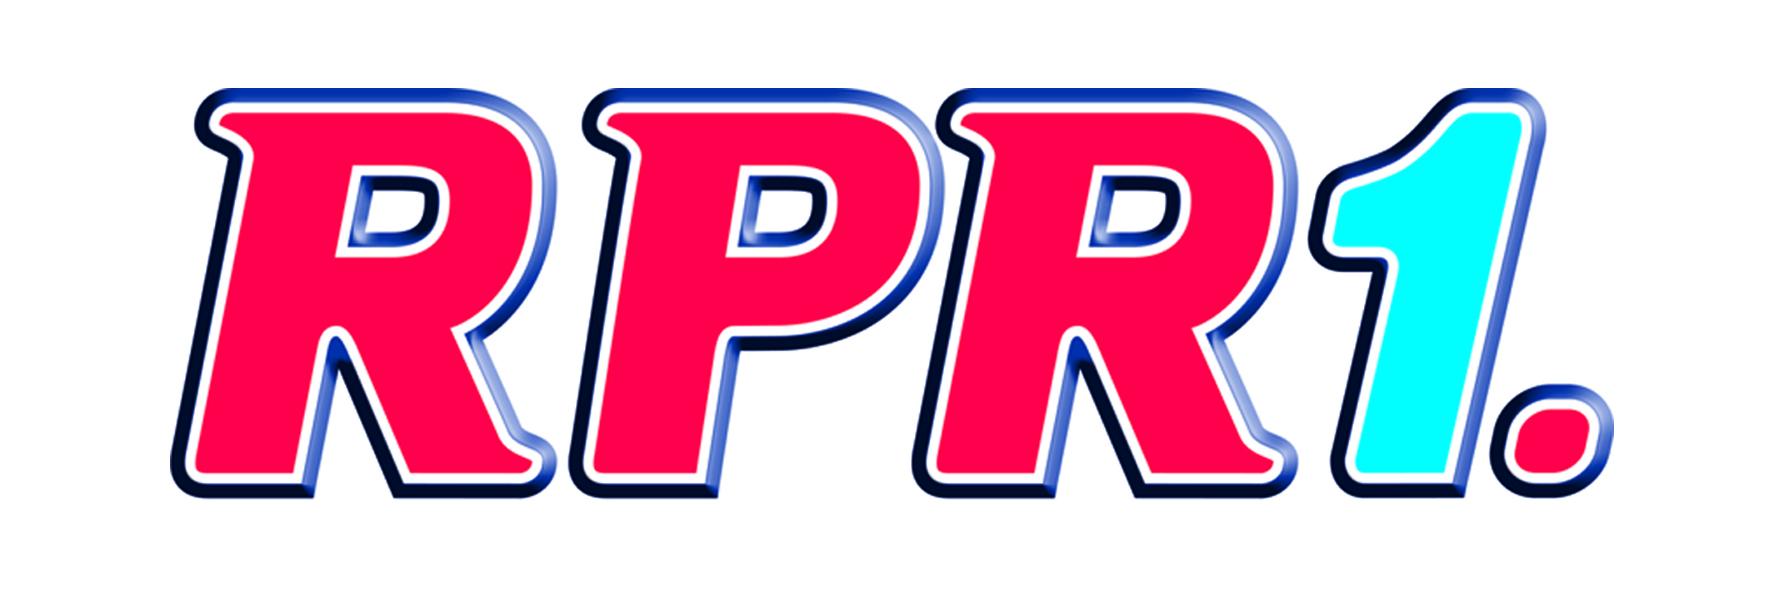 RPR1 ist seit mehreren Jahren unser Medienpartner.